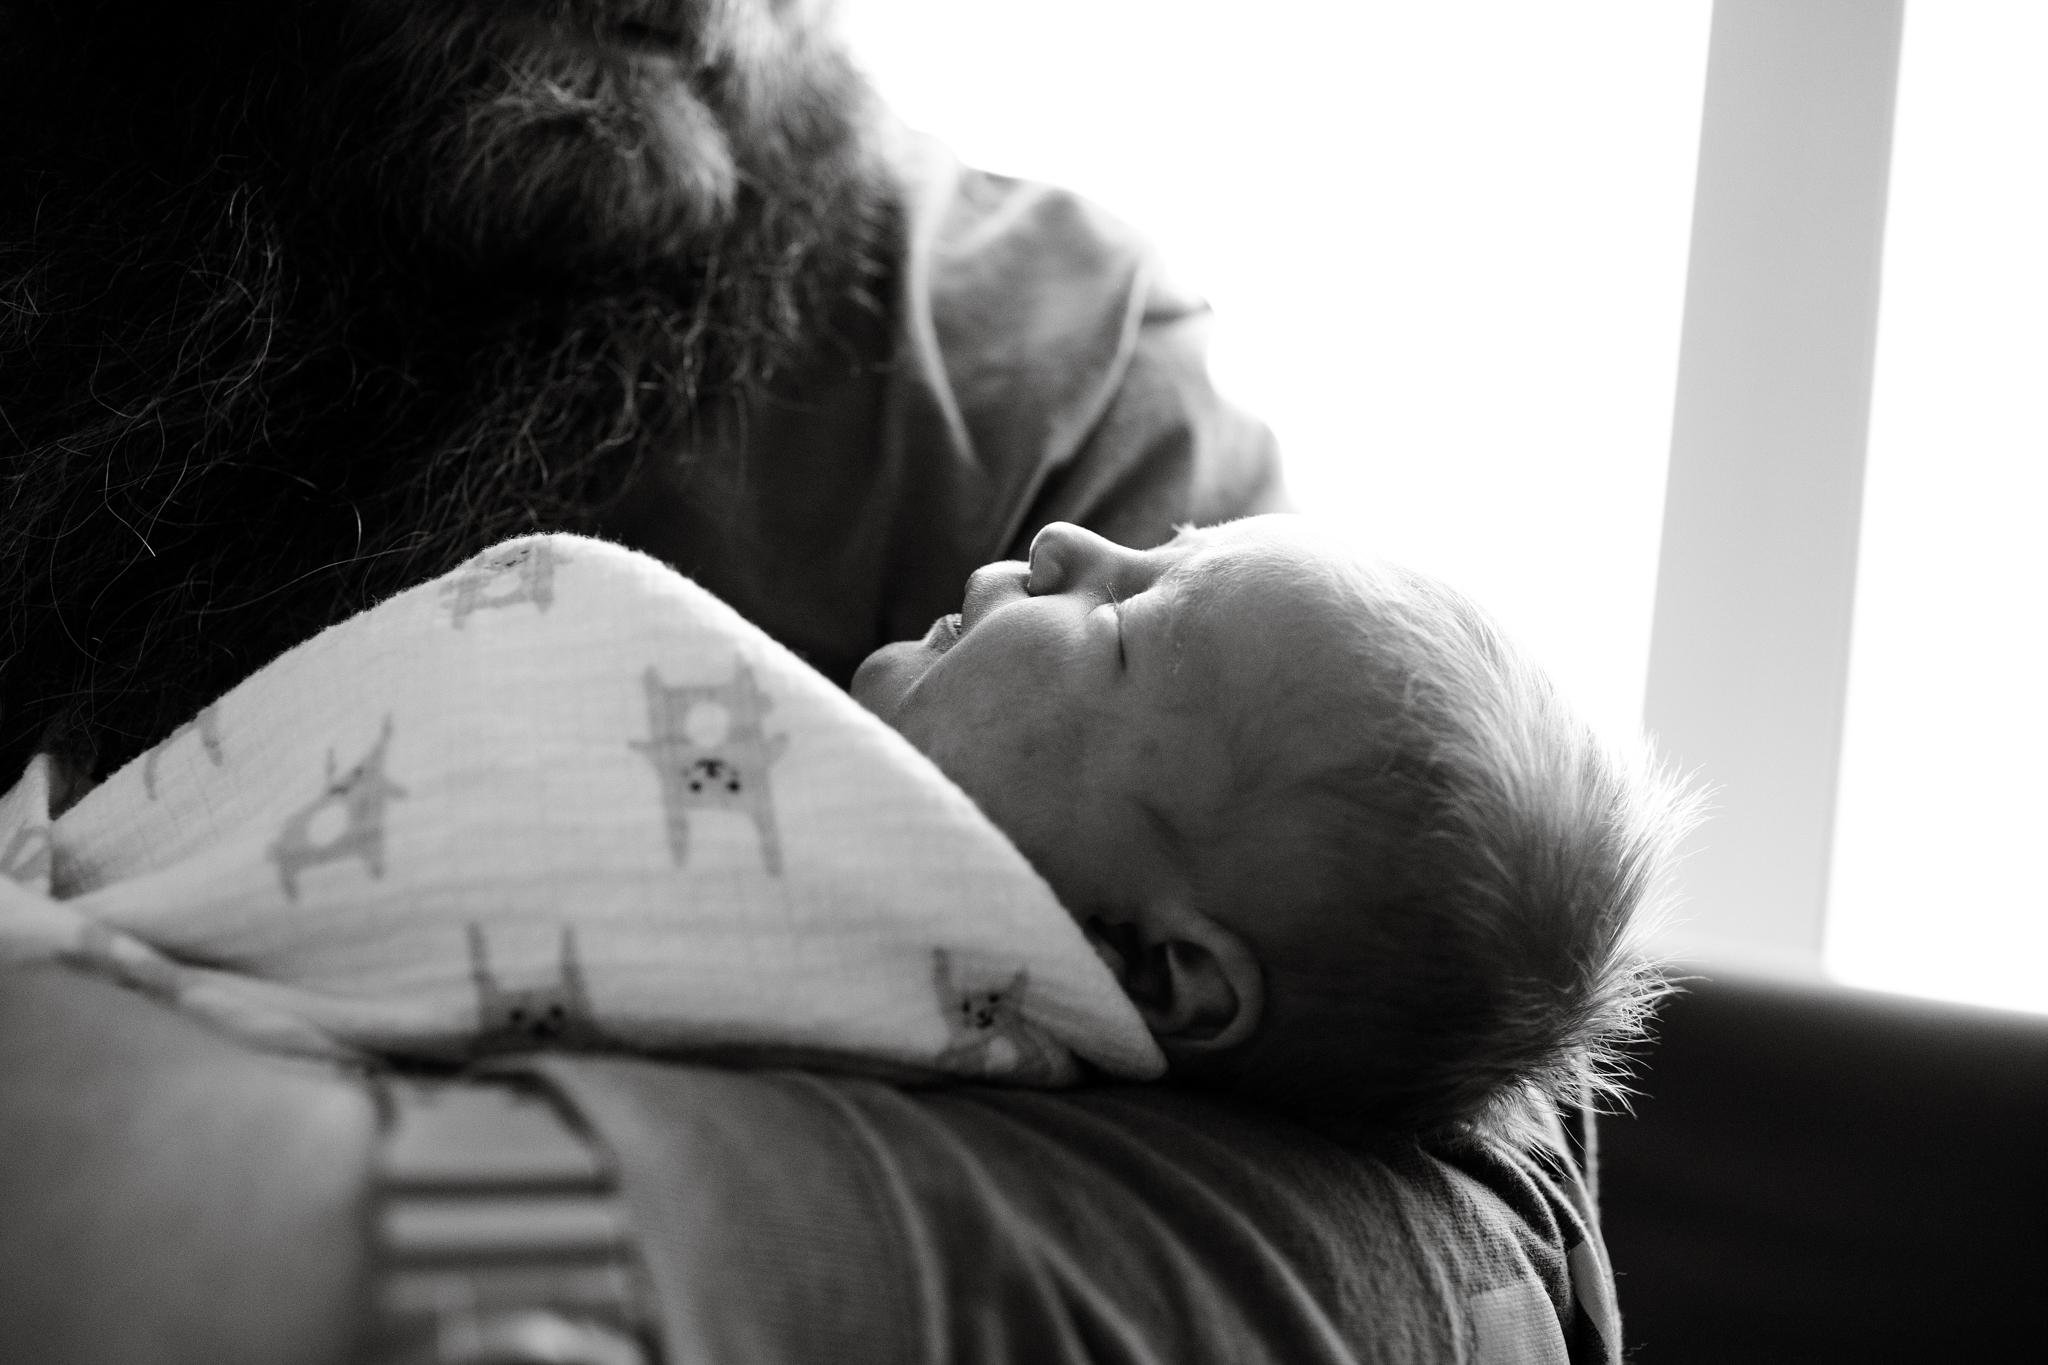 maine-fresh48-newborn-photographer -27.jpg